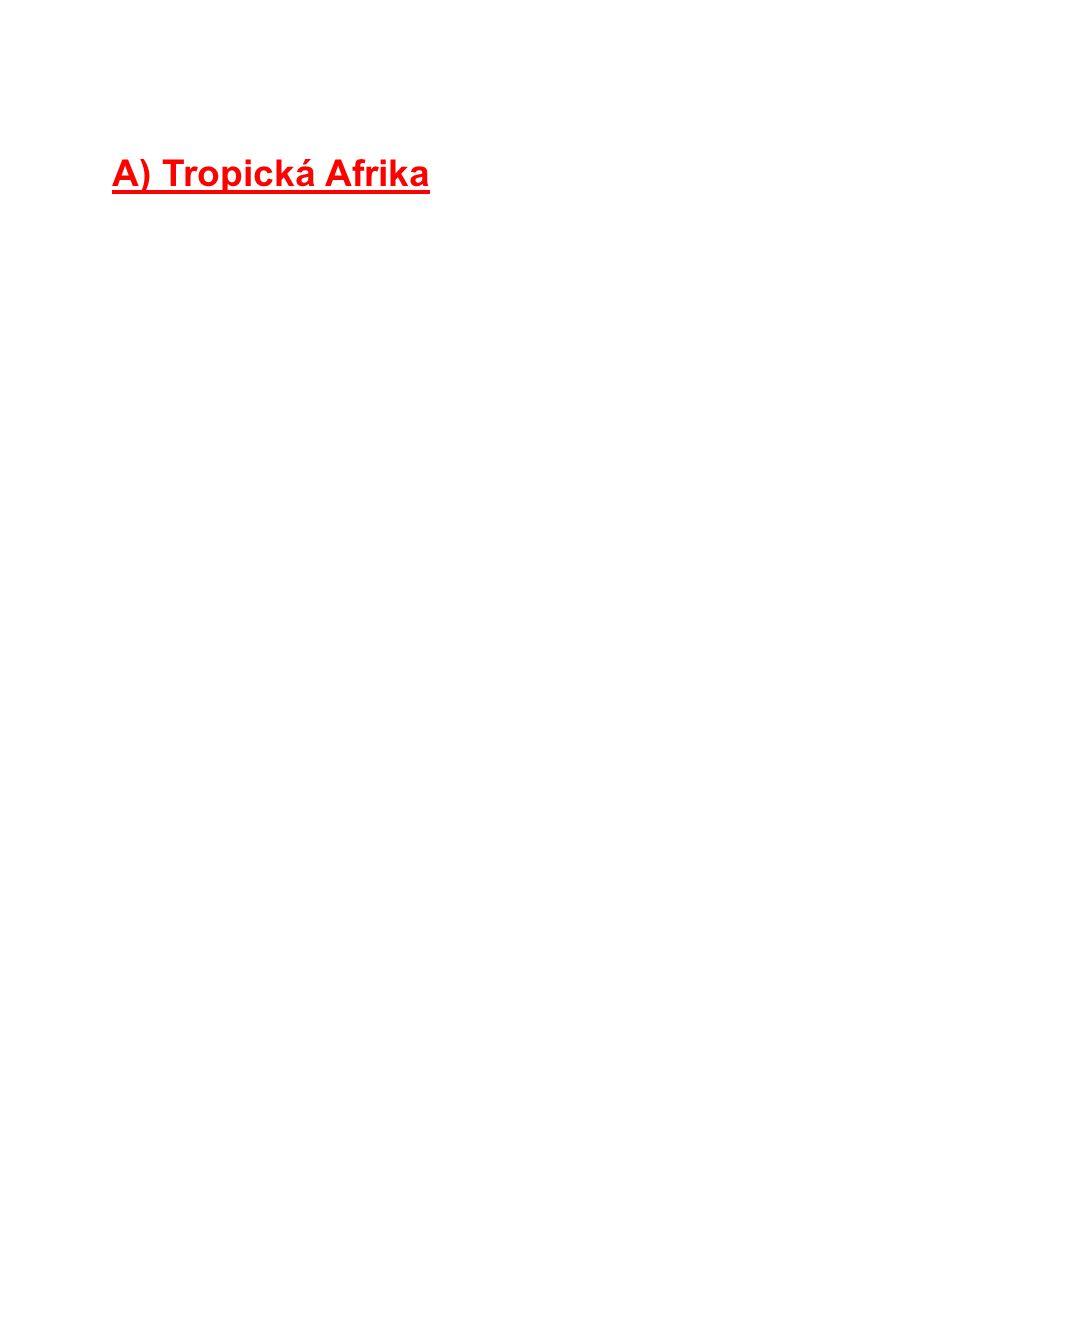 A) Tropická Afrika